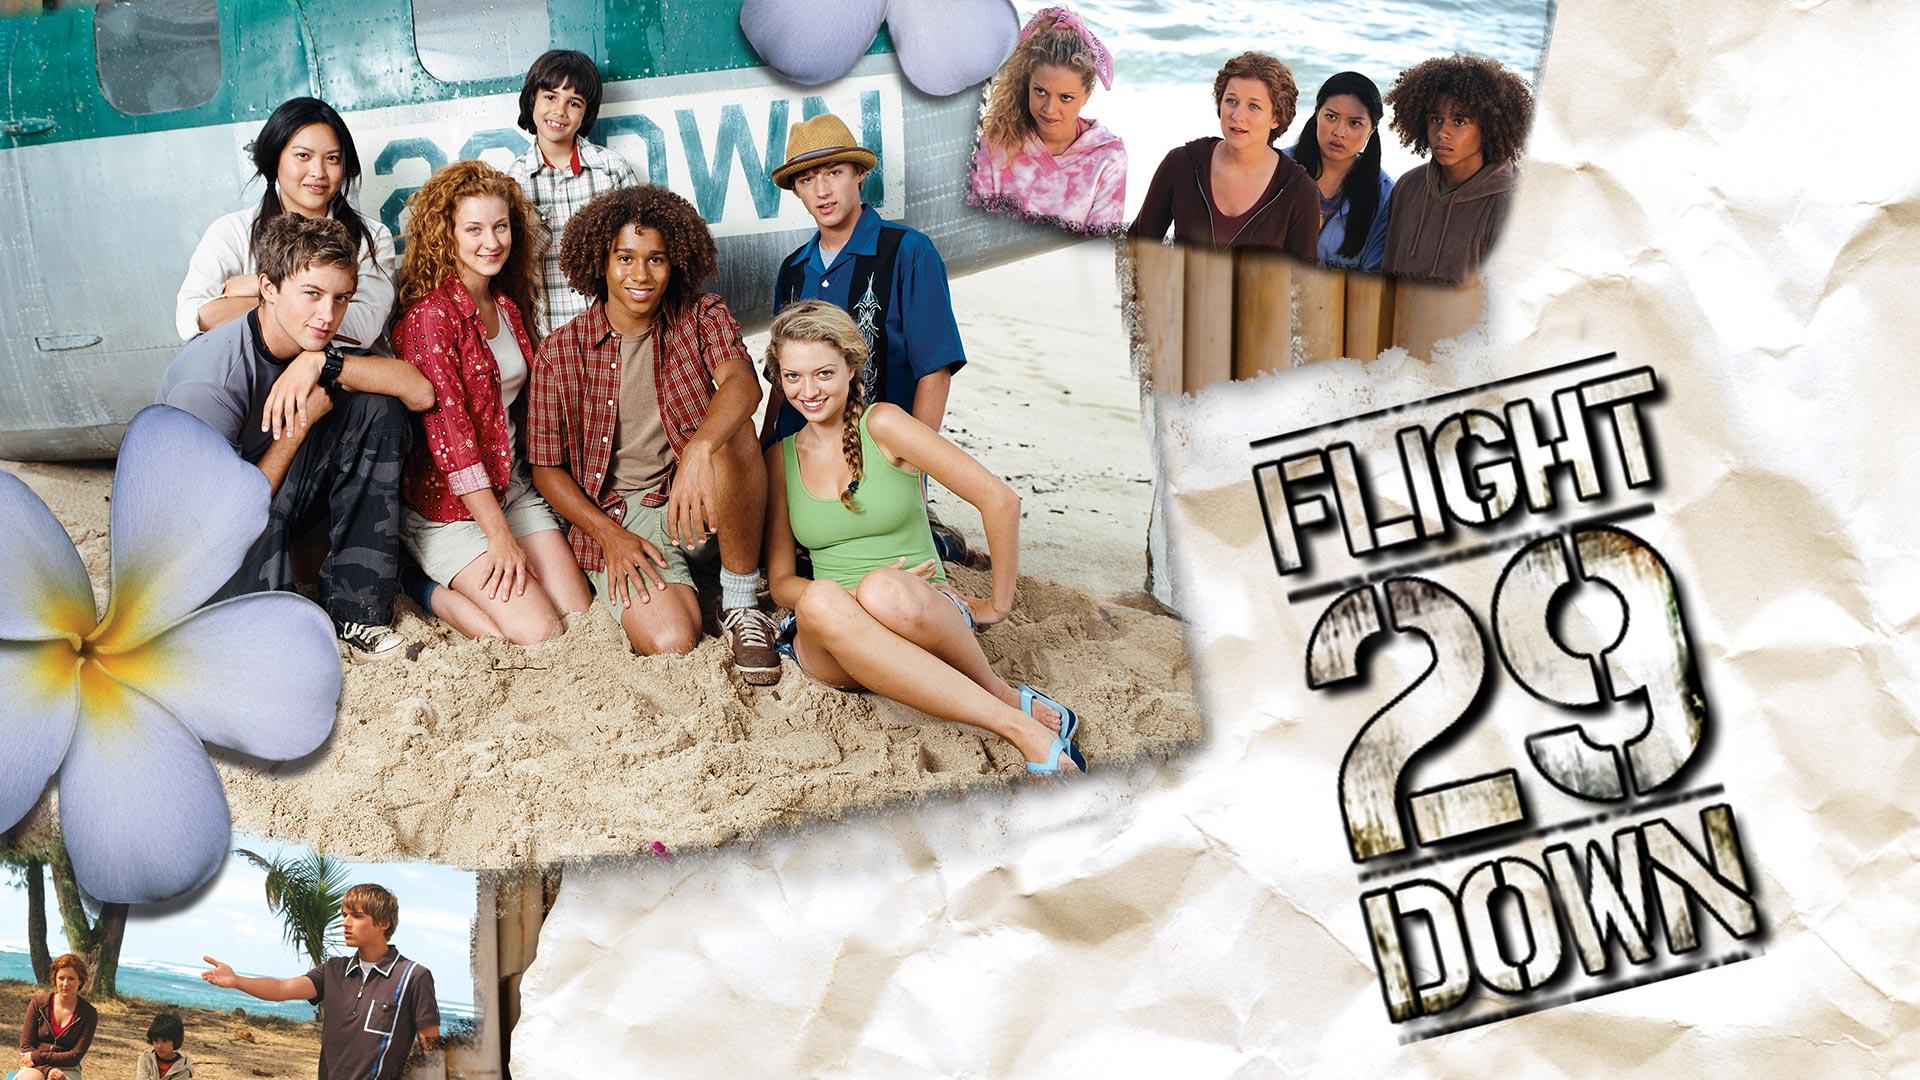 Flight 29 Down Season 1